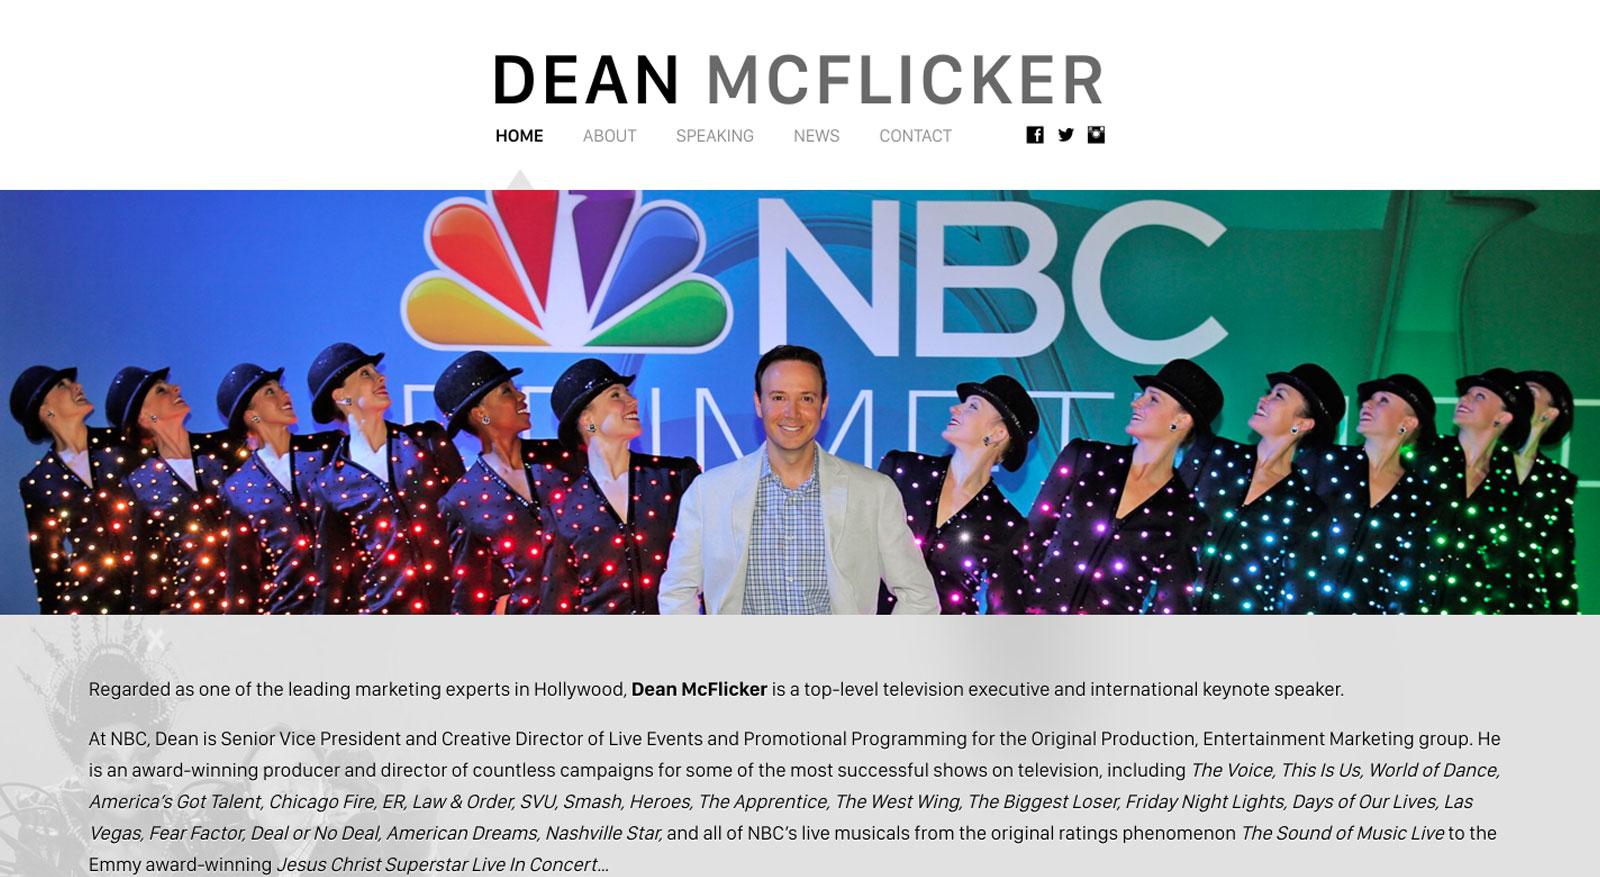 Dean McFlicker